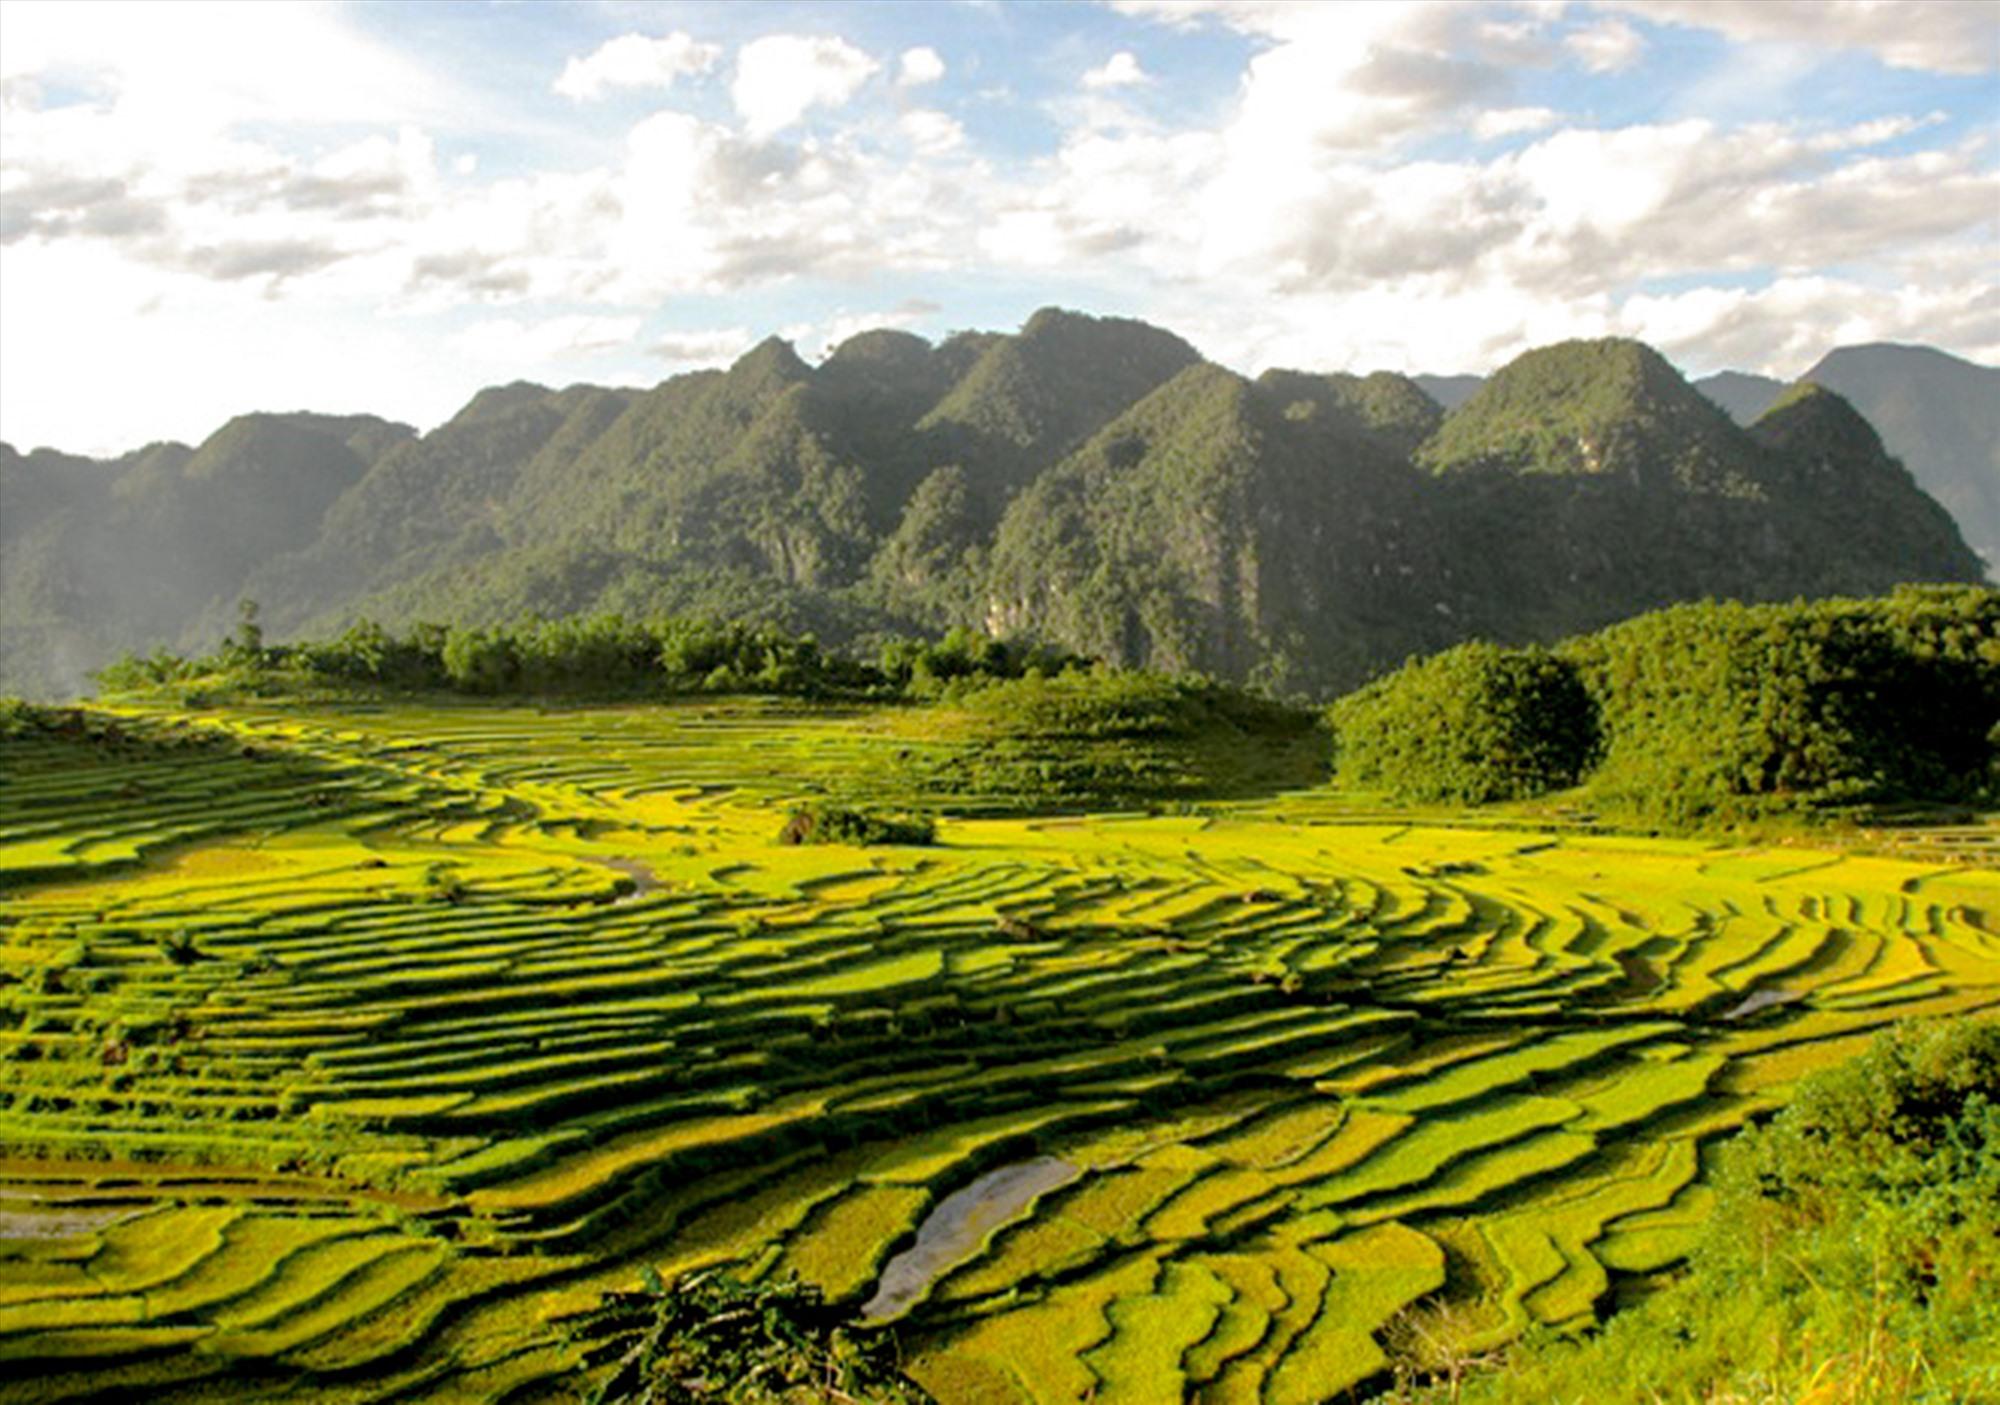 Khu bảo tồn thiên nhiên Pù Luông có ngọn núi cao nhất vùng với độ cao 1.700m.